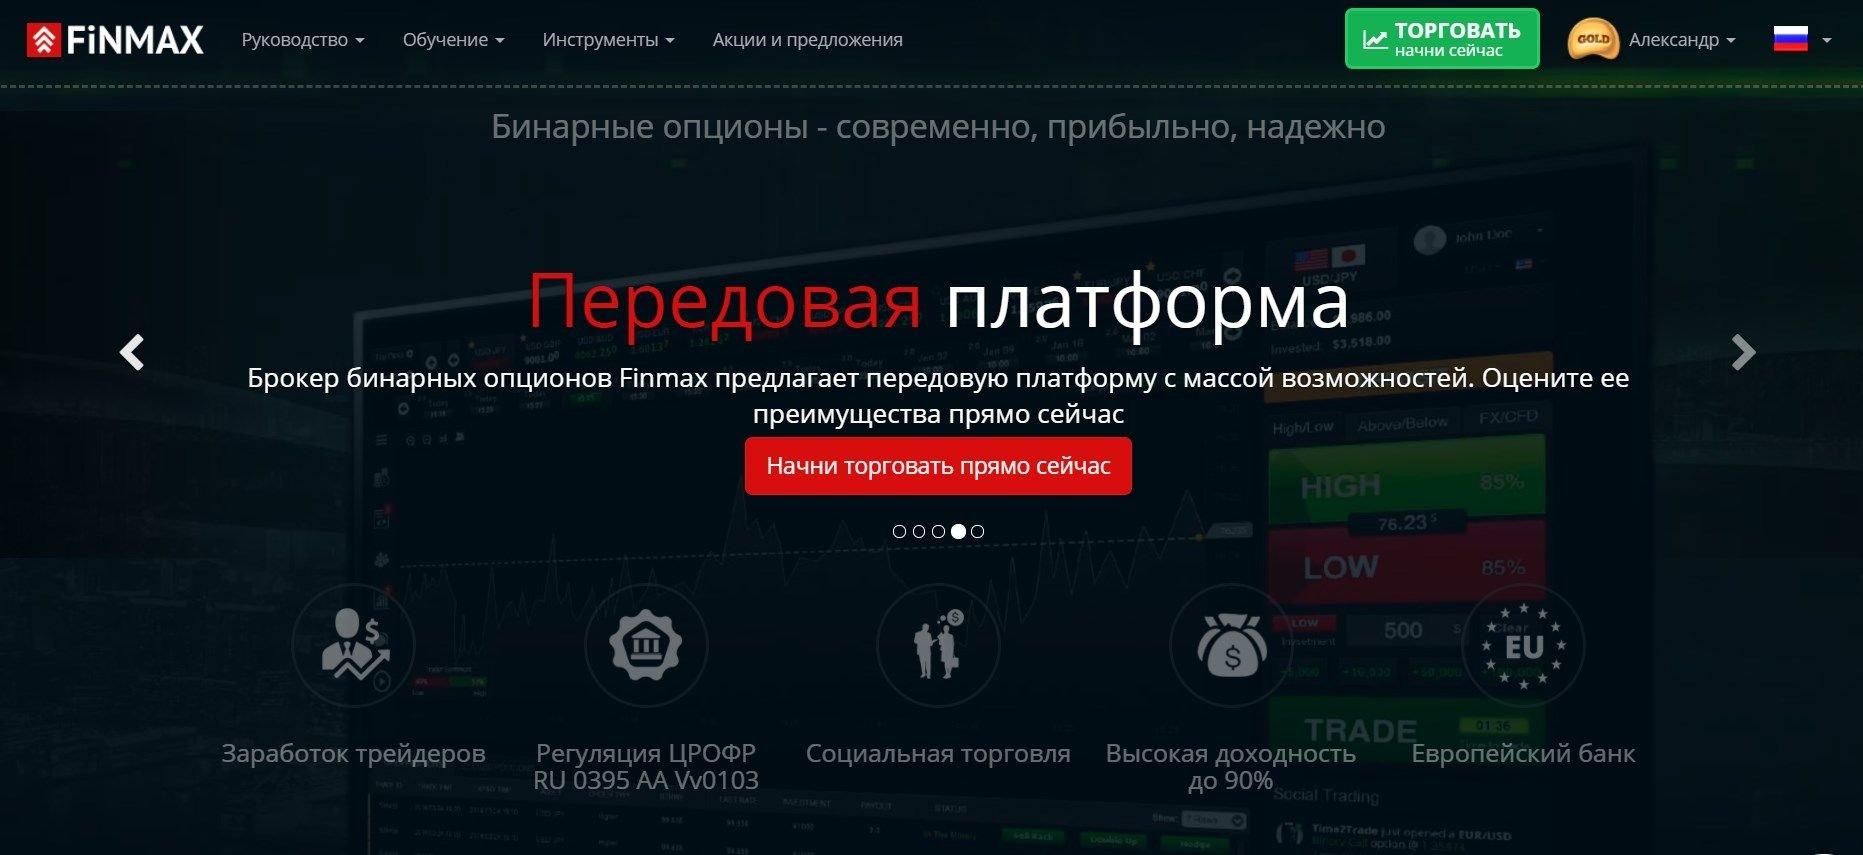 FinMax: бинарные опционы с выгодными бонусами до 100%